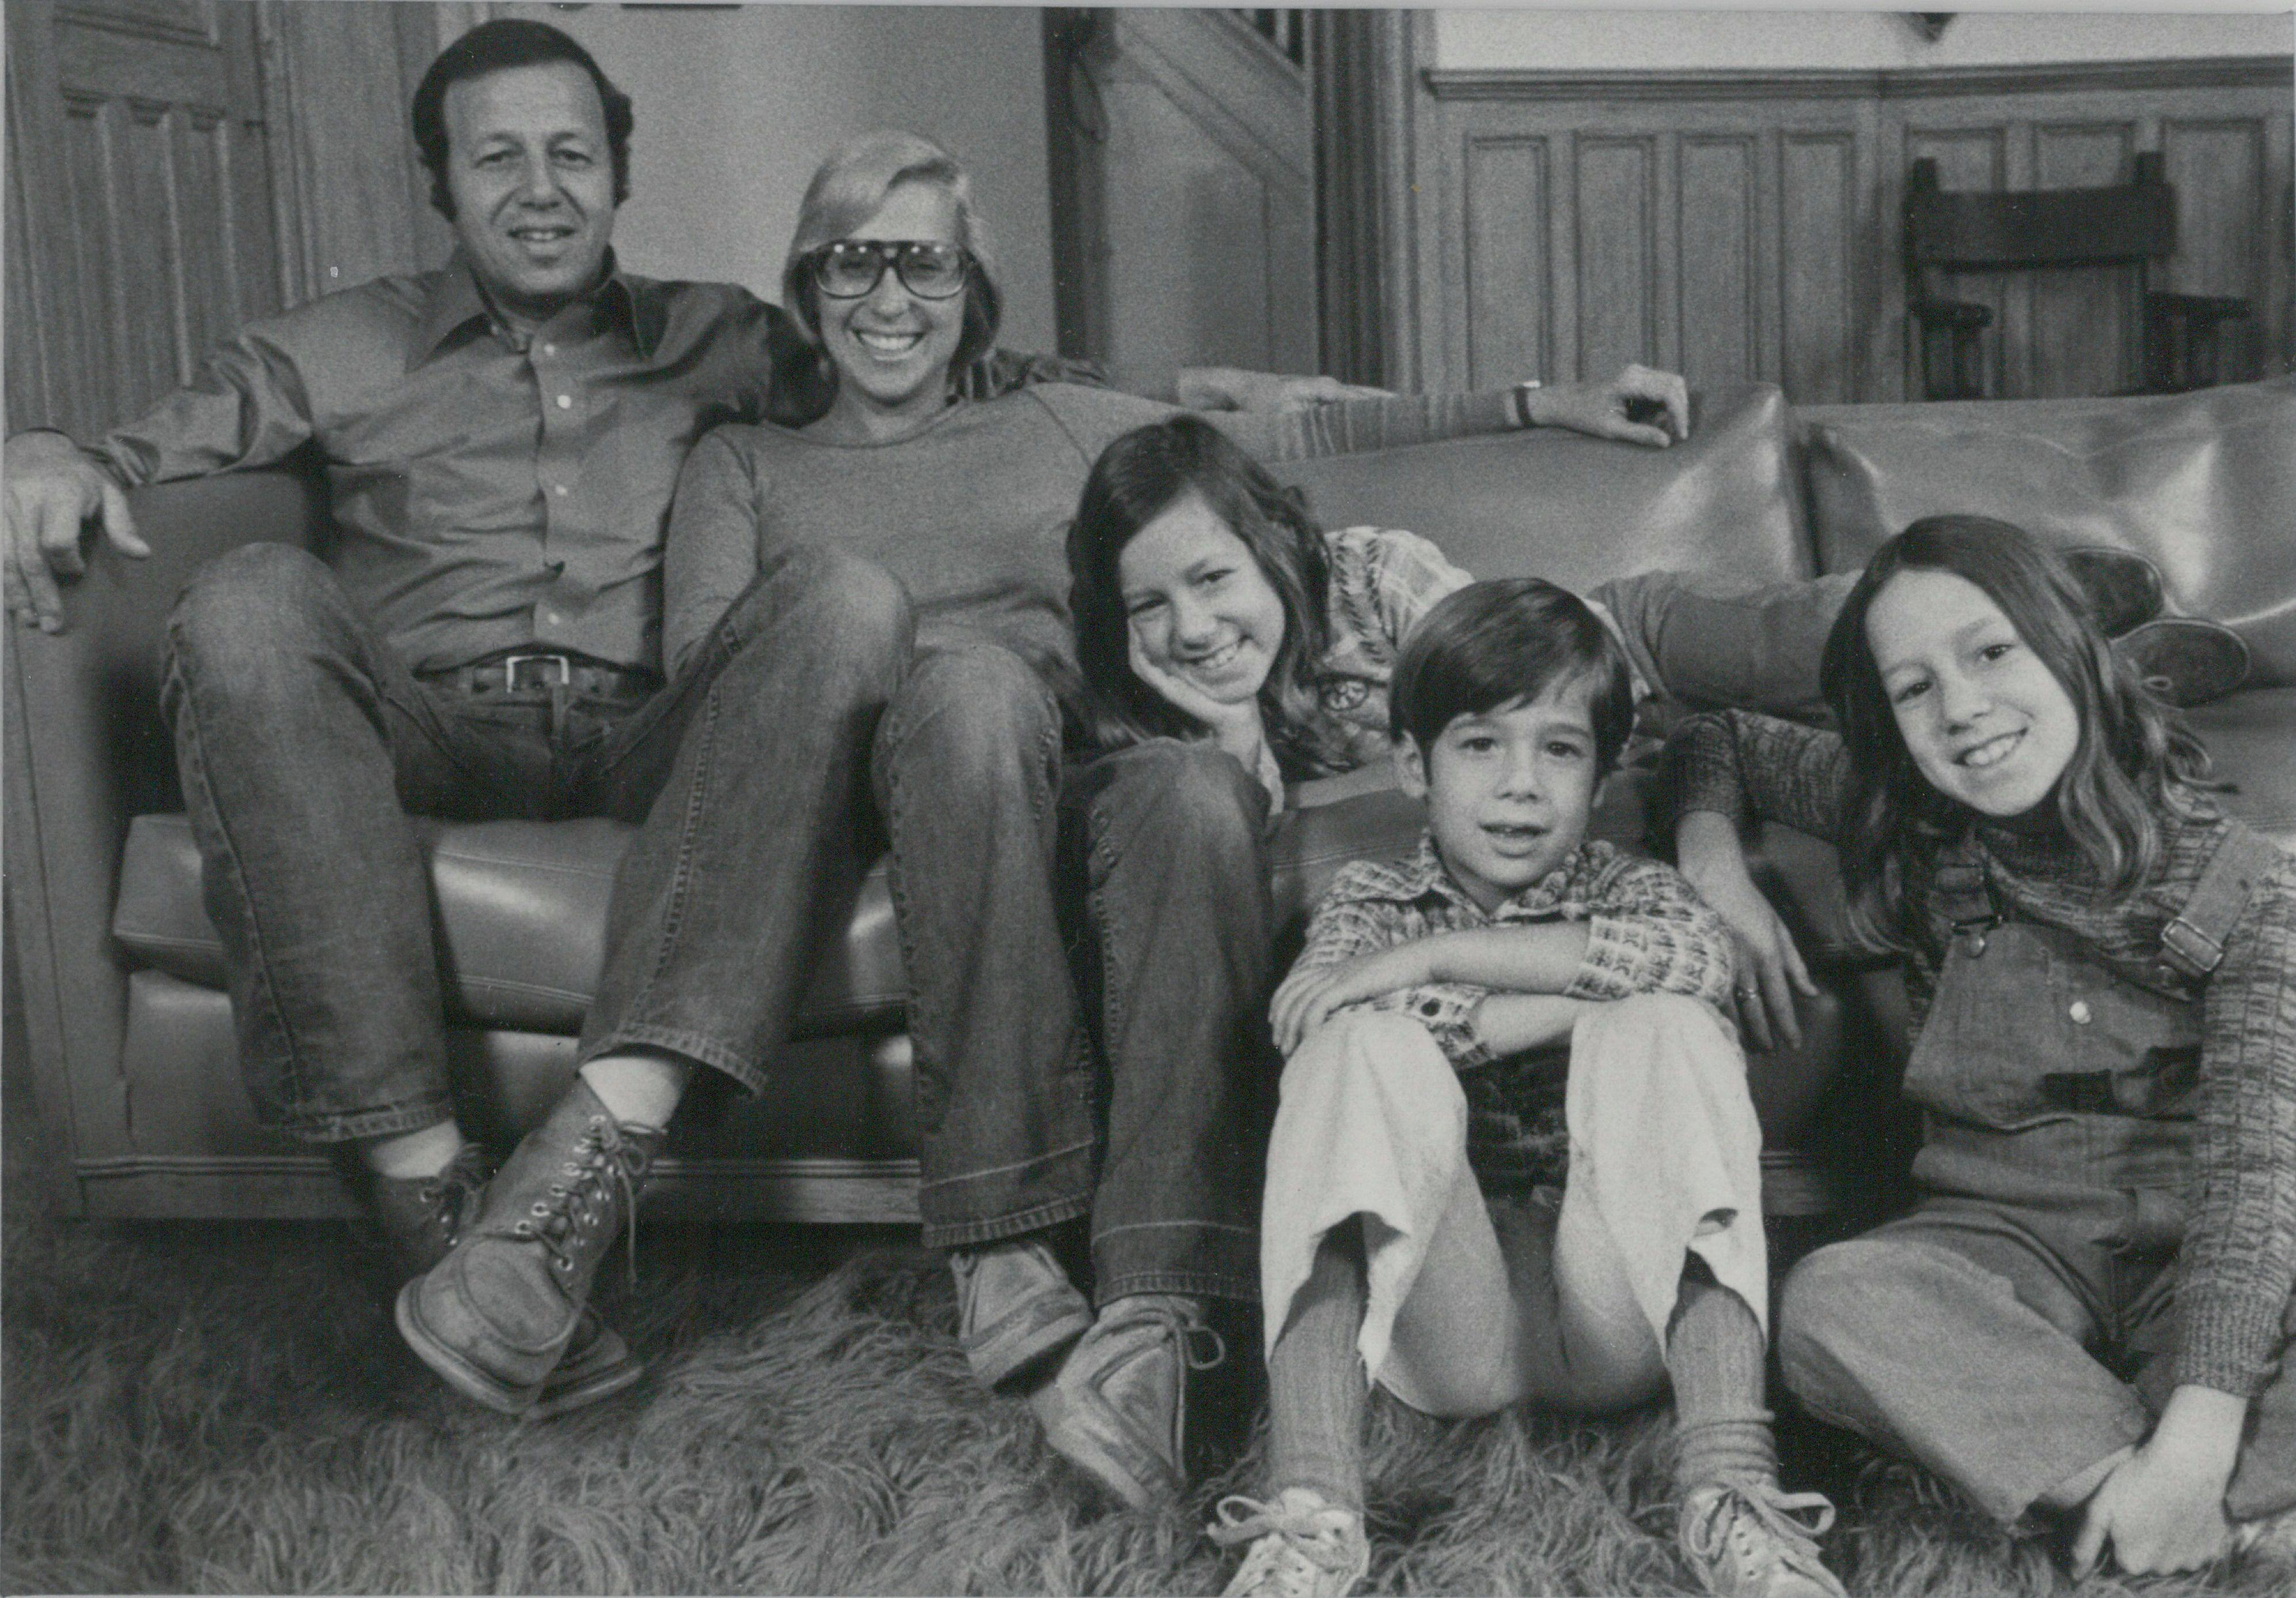 The Pogrebin family in 1970